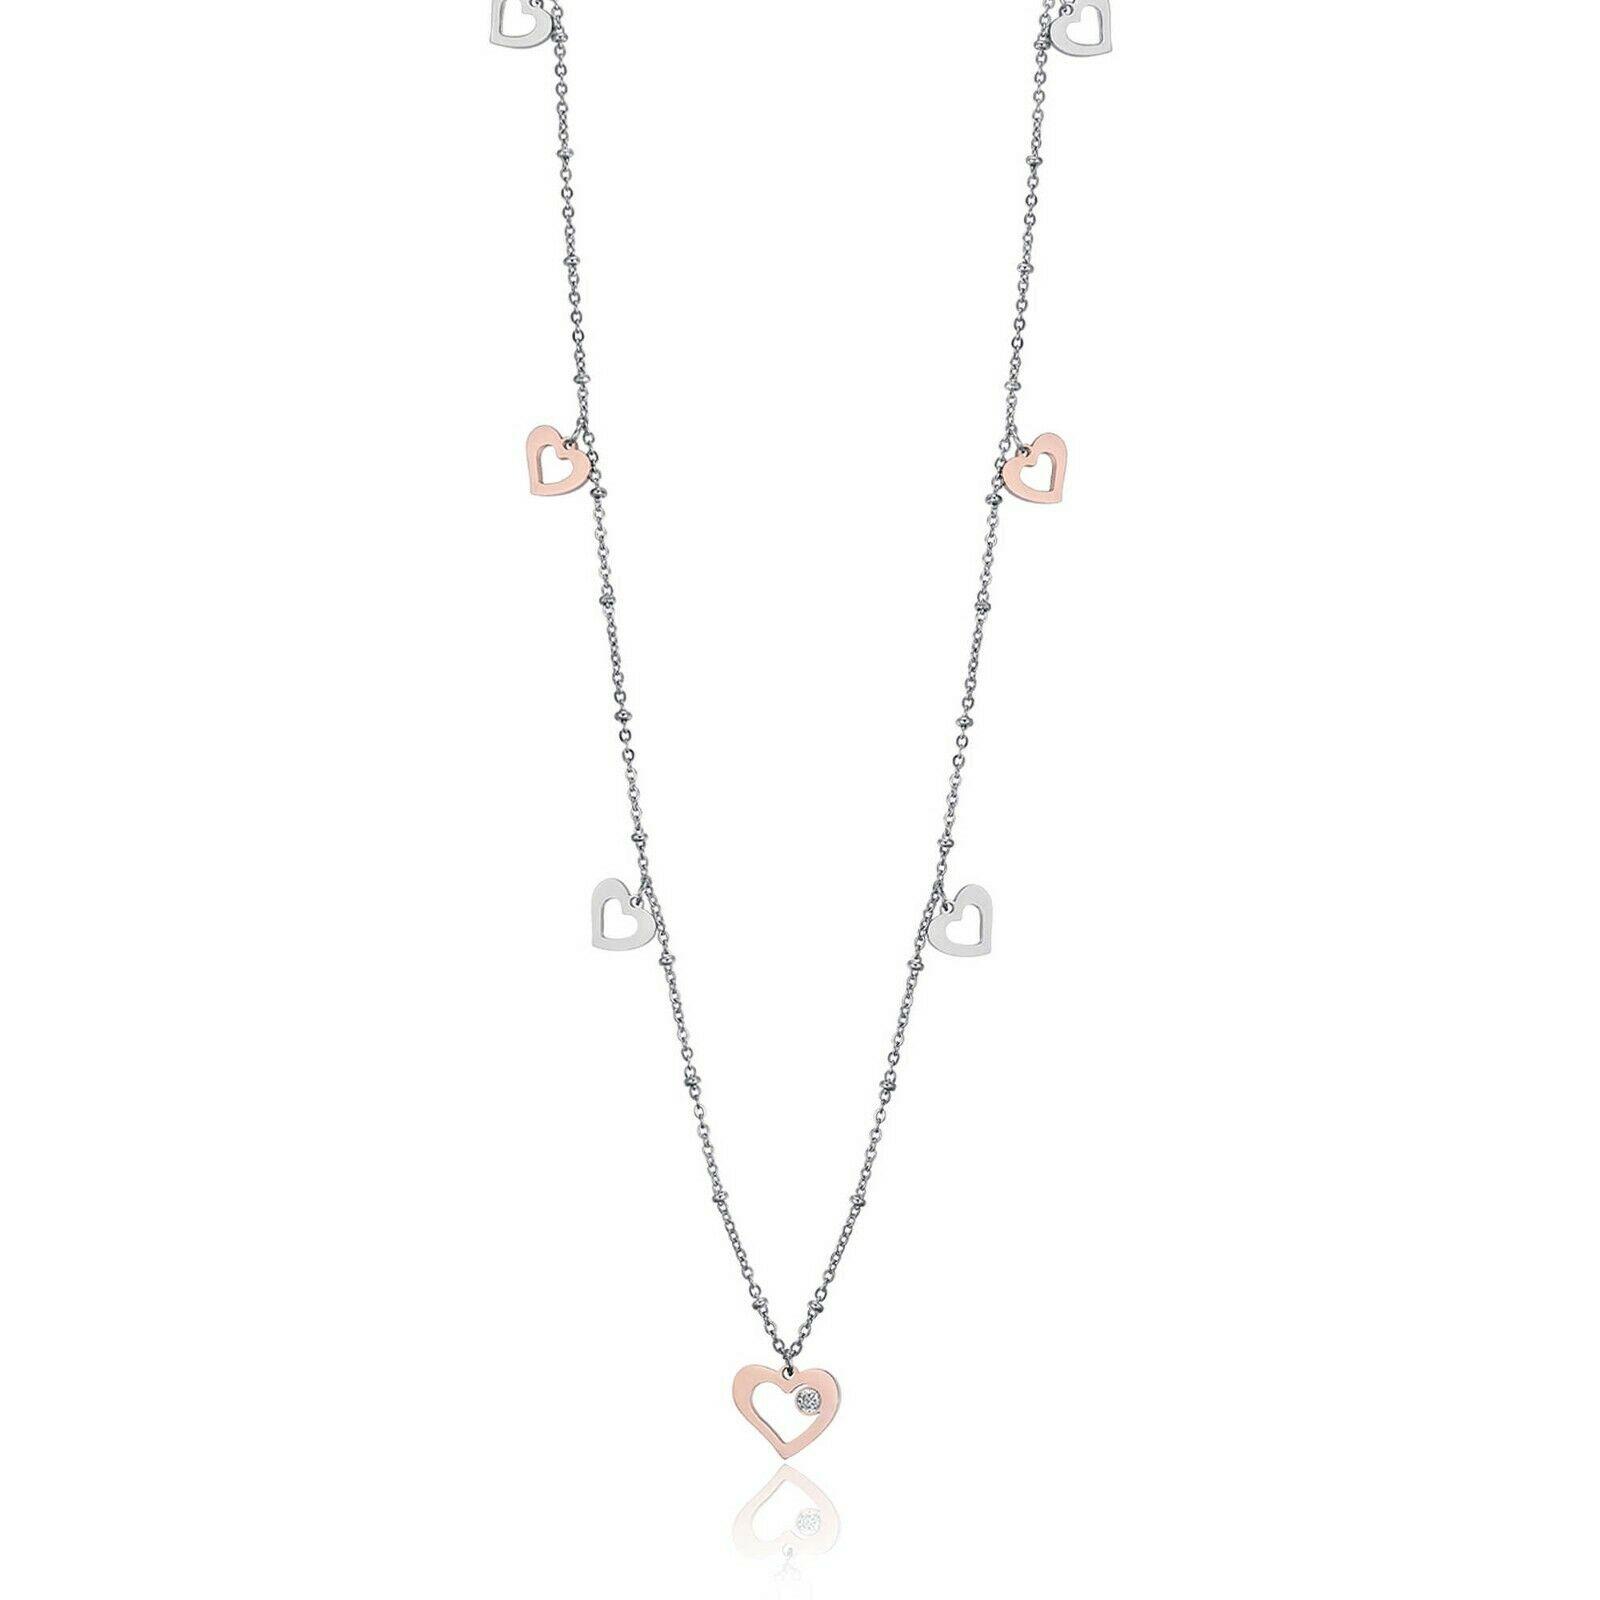 Collana donna lunga in acciaio con ciondoli cuore Luca Barra cK1043